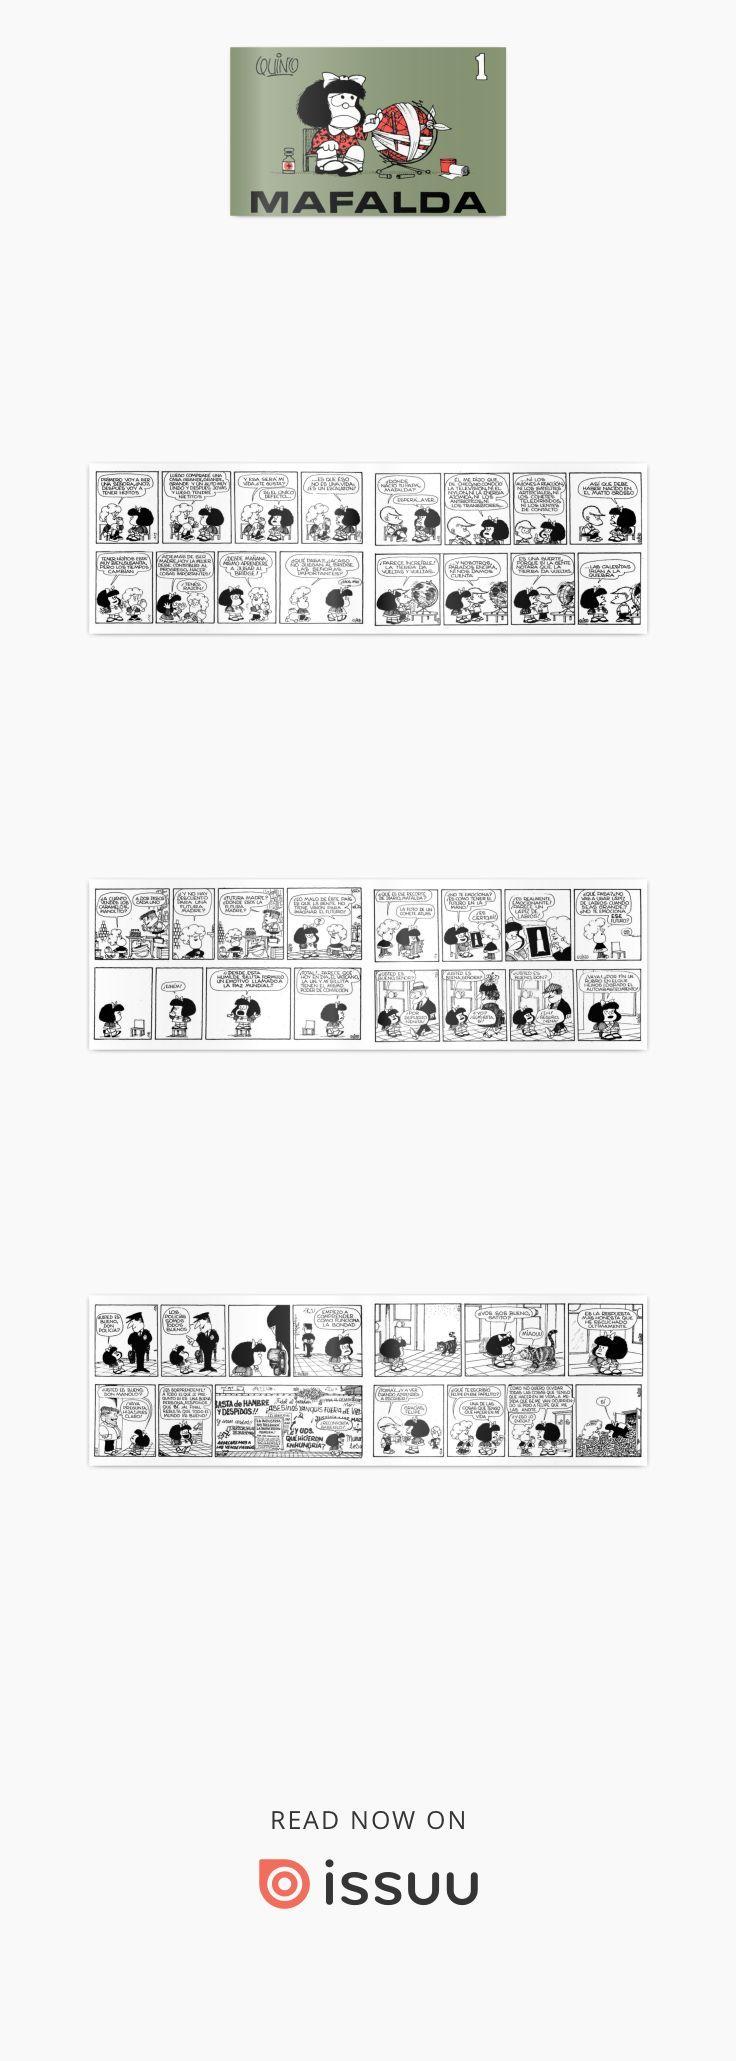 Mafalda es el nombre de una tira de prensa argentina desarrollada por el humorista gráfico Quino (Joaquín Salvador Lavado) de 1964 a 1973, protagonizada por la niña homónima, «espejo de la clase media latinoamericana y de la juventud progresista», que se muestra preocupada por la humanidad y la paz mundial, y se rebela contra el mundo legado por sus mayores. Es famosa en el mundo entero por la gracia de sus preguntas, la inocencia de su mundo y la altura de sus ideales. Luchadora social…